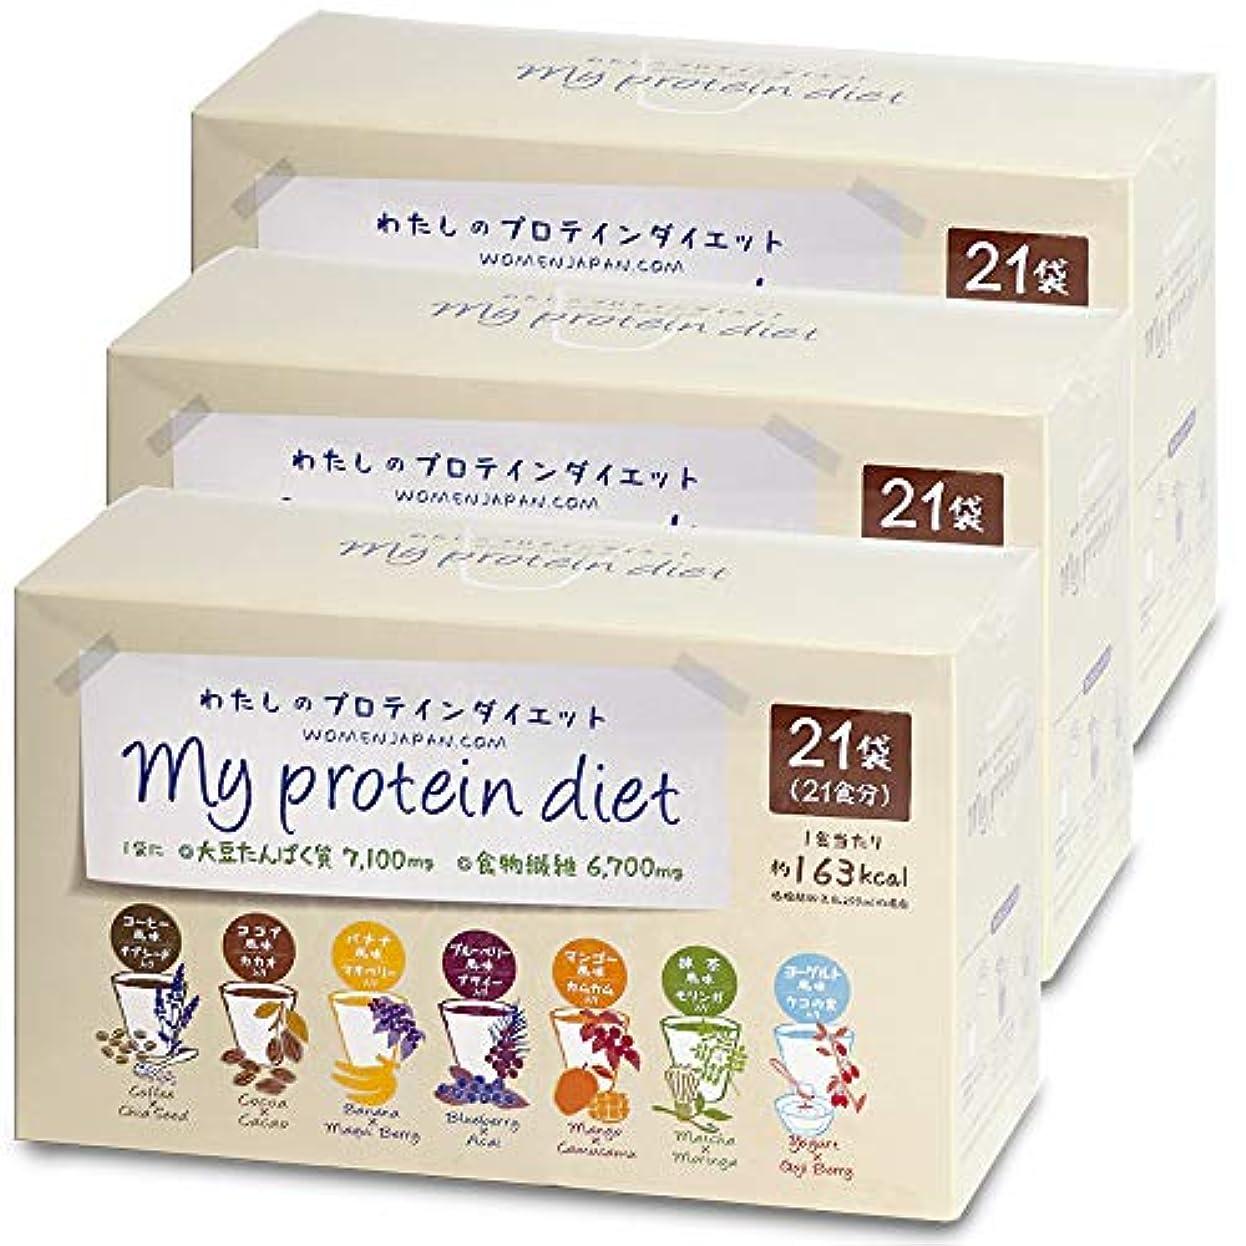 帝国主義パケット嫌がるわたしのプロテインダイエット 63食セット 1食置き換えダイエットシェイク 低糖質